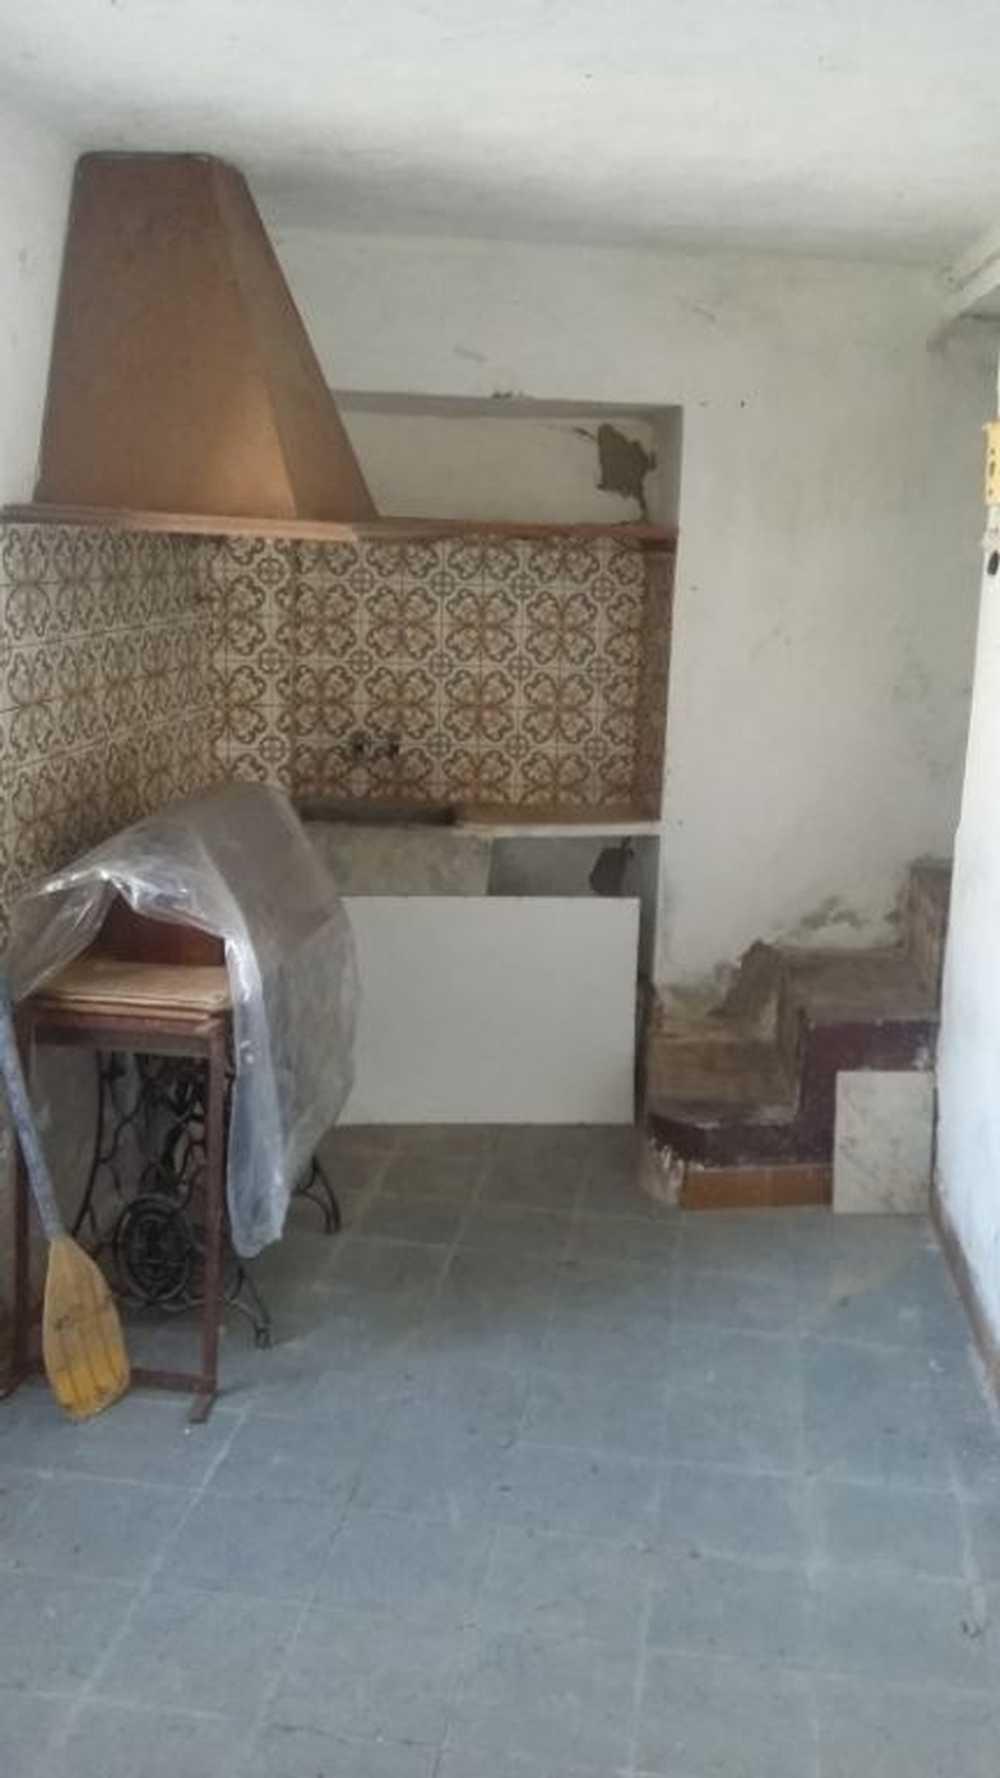 Póvoa e Meadas Castelo De Vide 屋 照片 #request.properties.id#